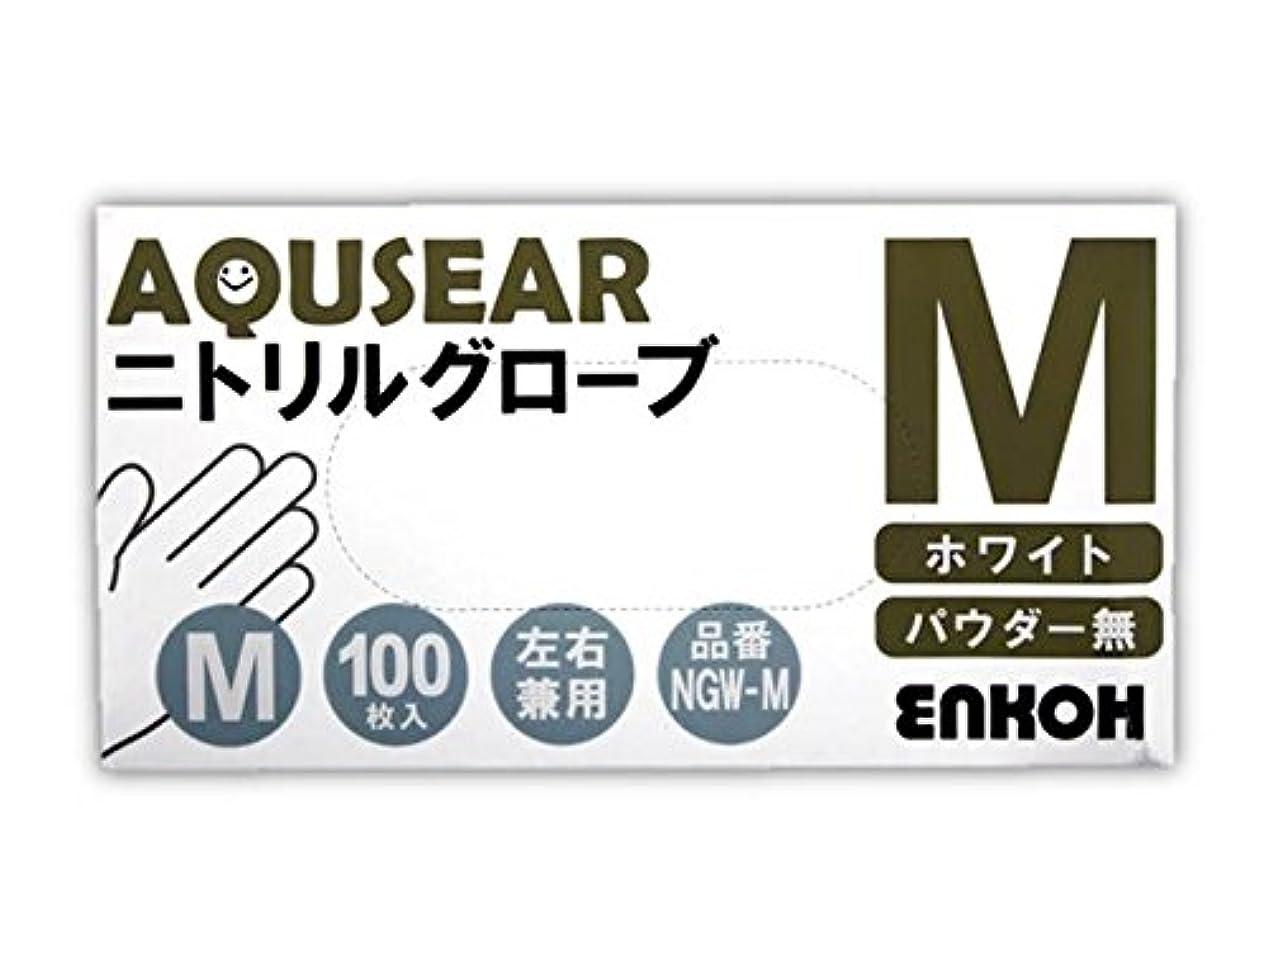 工業用ハンディメールAQUSEAR ニトリルグローブ パウダー無 M ホワイト NGW-M 1箱100枚